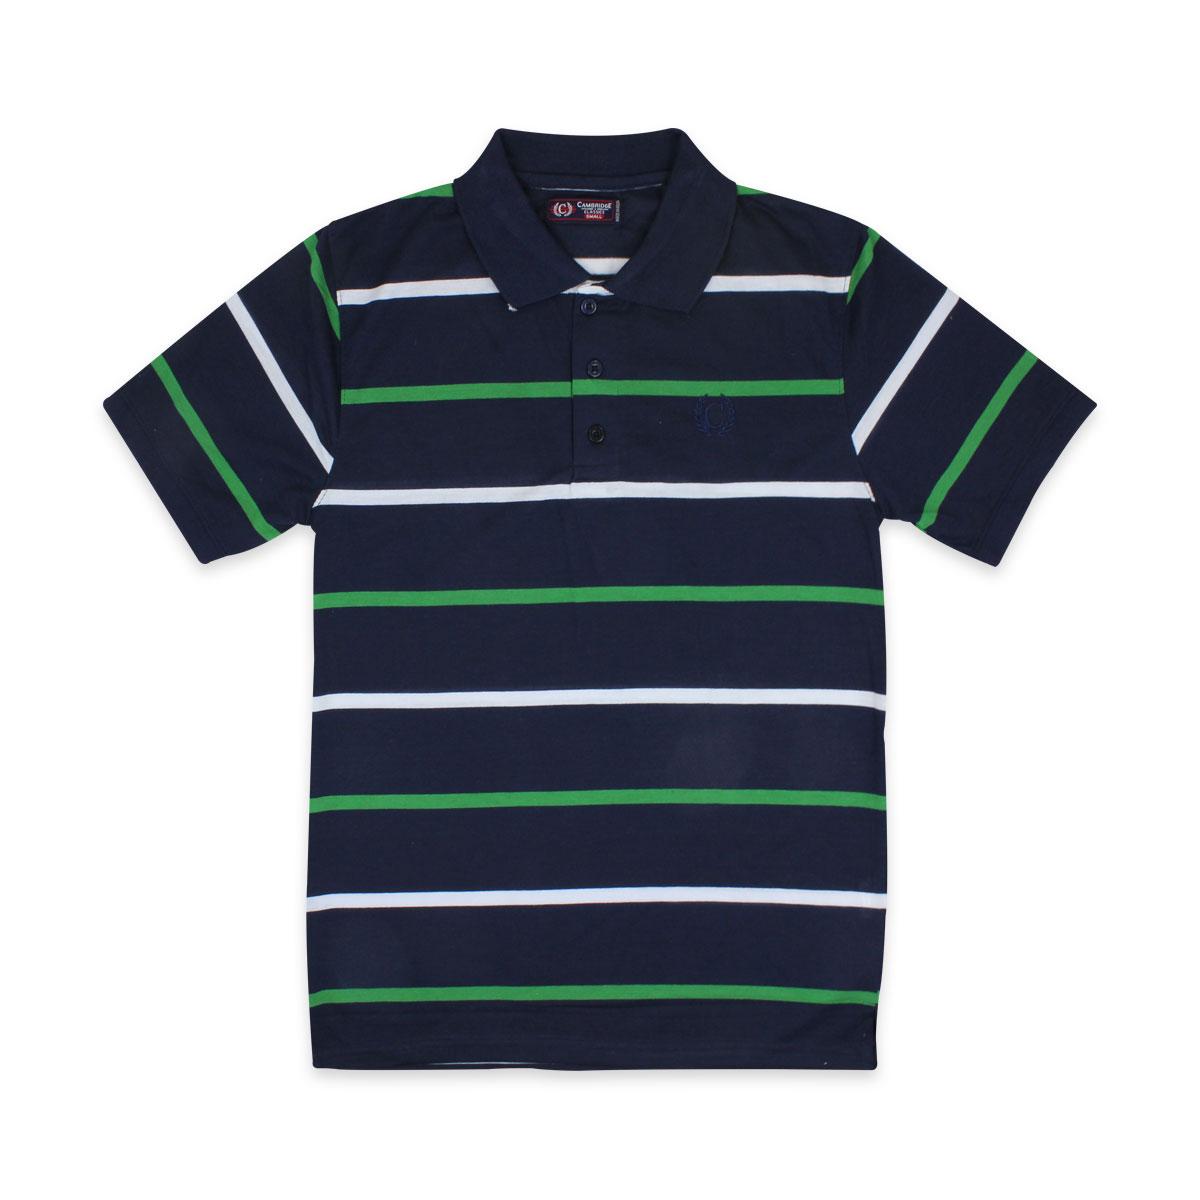 Camisas-Polo-Para-Hombre-A-Rayas-Pique-Con-Cuello-camiseta-Camiseta-Manga-Corta-De-Verano-S-M-L-XL miniatura 66